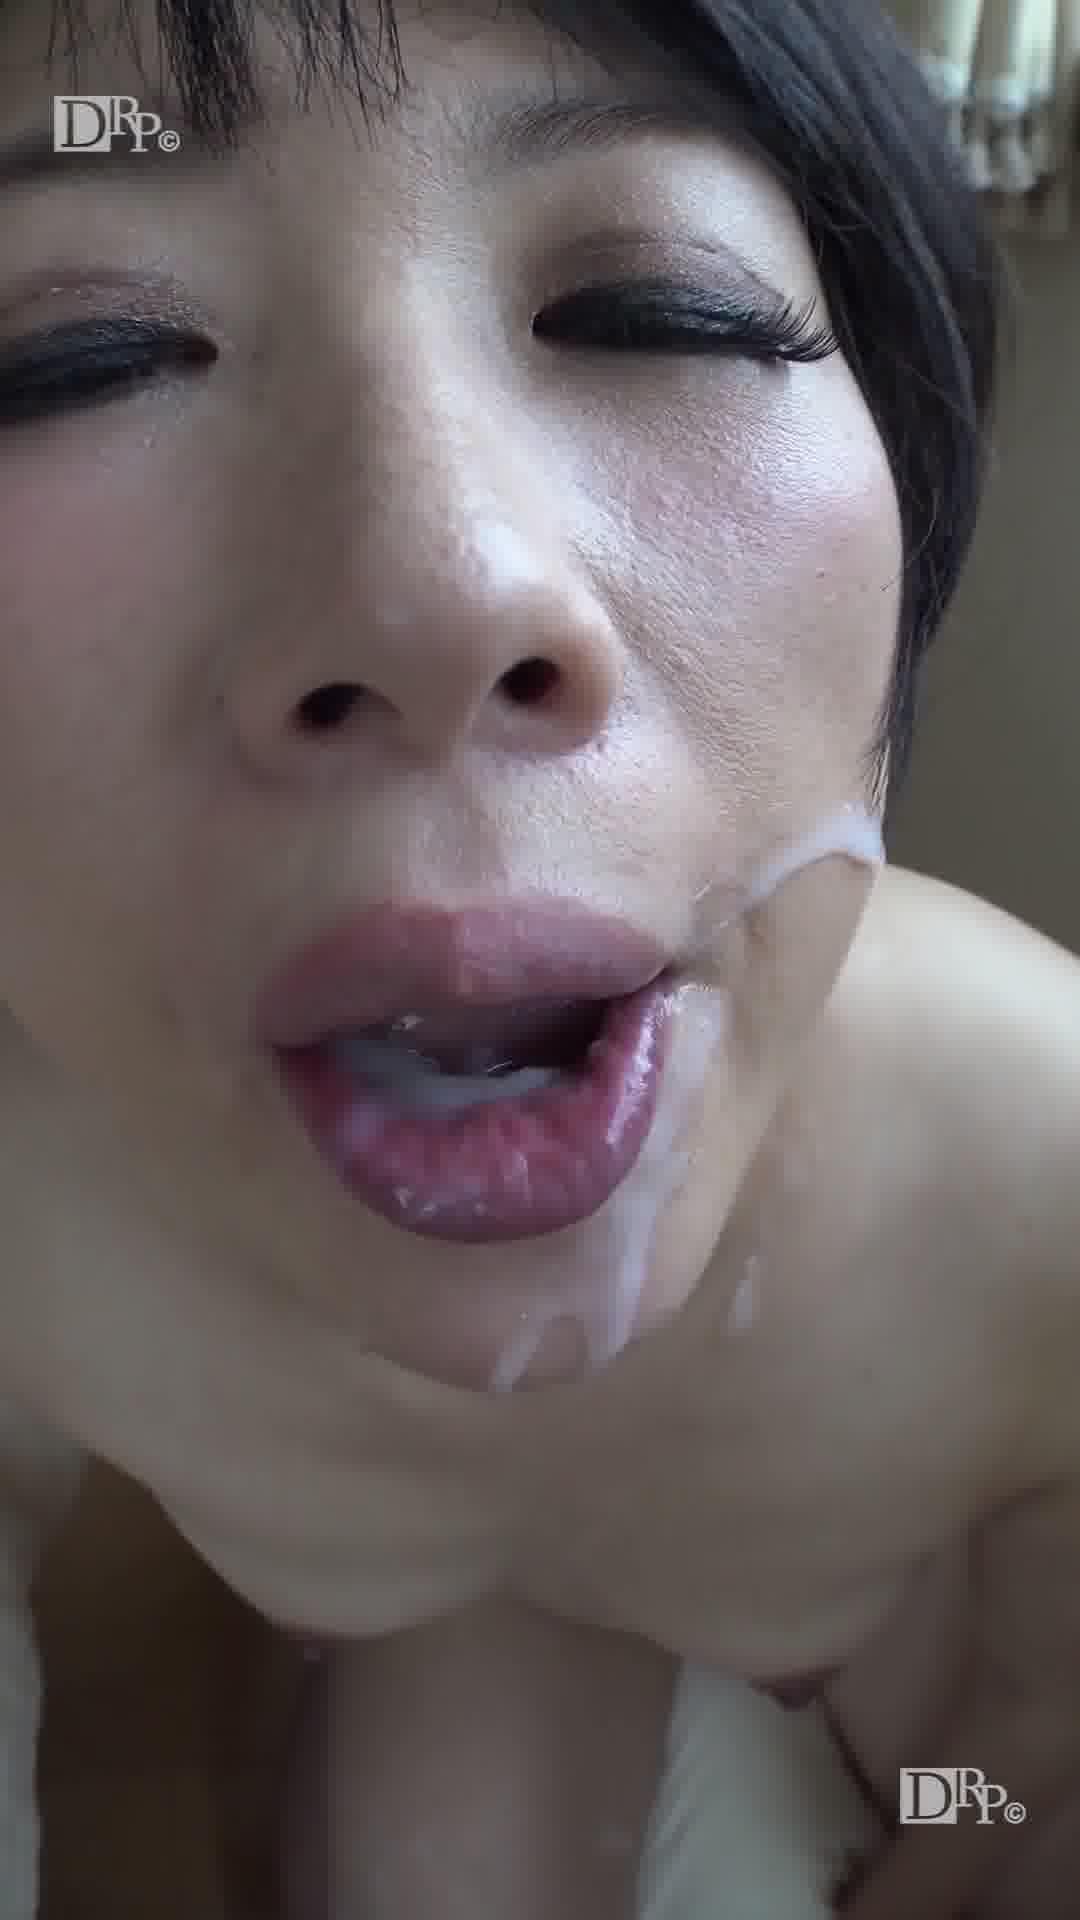 縦型動画 020 ~謎の熟女祥子さんは勝手にフェラチオする~ - 高嶋祥子【初裏・顔射・長身】